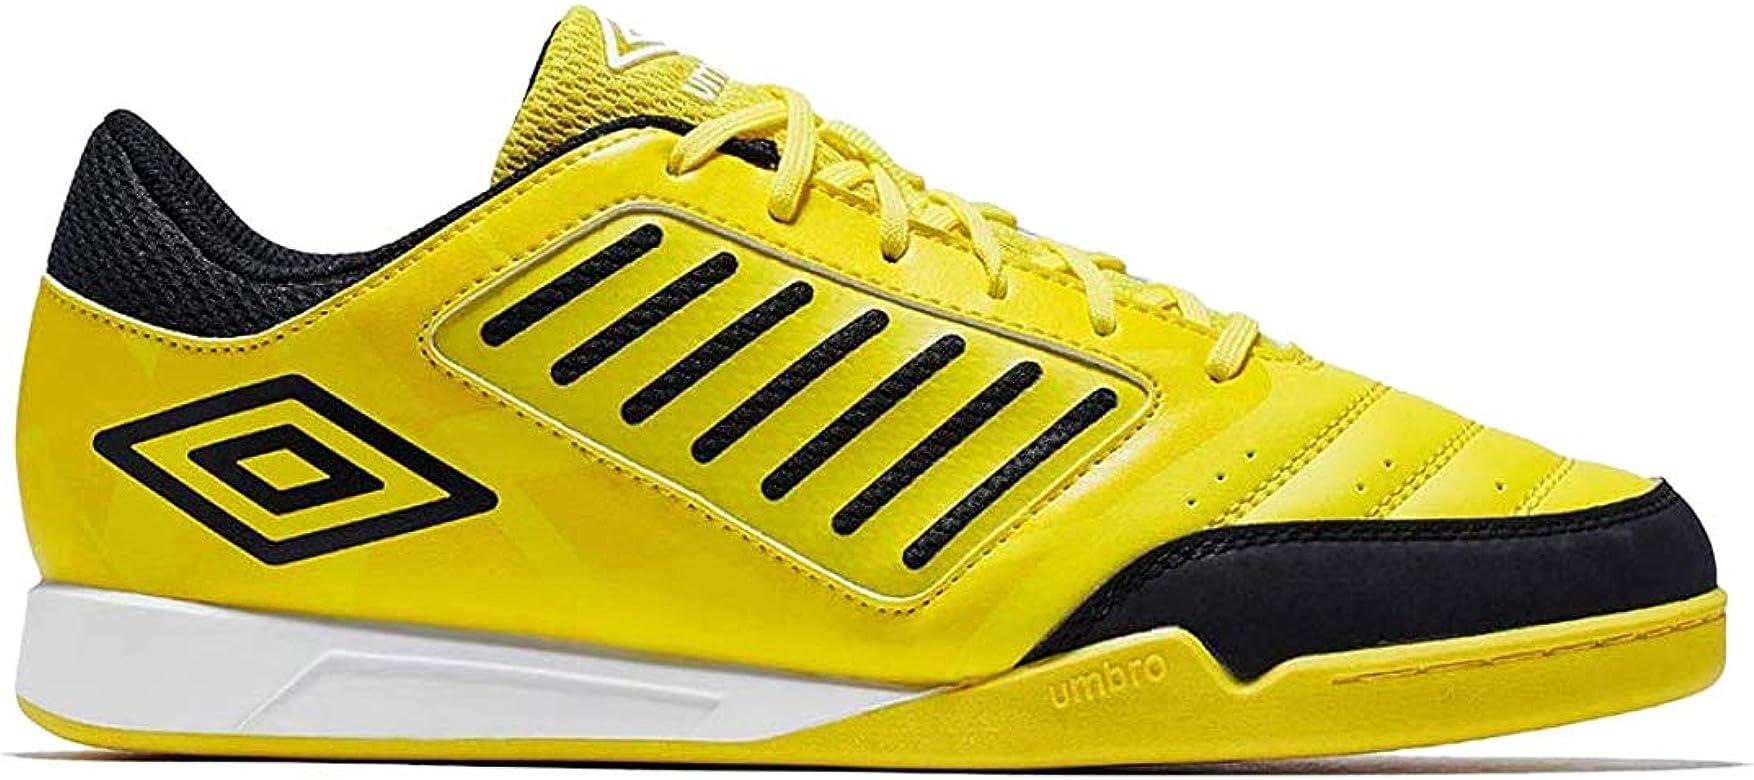 Umbro Chaleira Liga, Zapatillas de fútbol Sala para Hombre, Amarillo (Blazing Yellow/Black/White A6c), 40 EU: Amazon.es: Zapatos y complementos